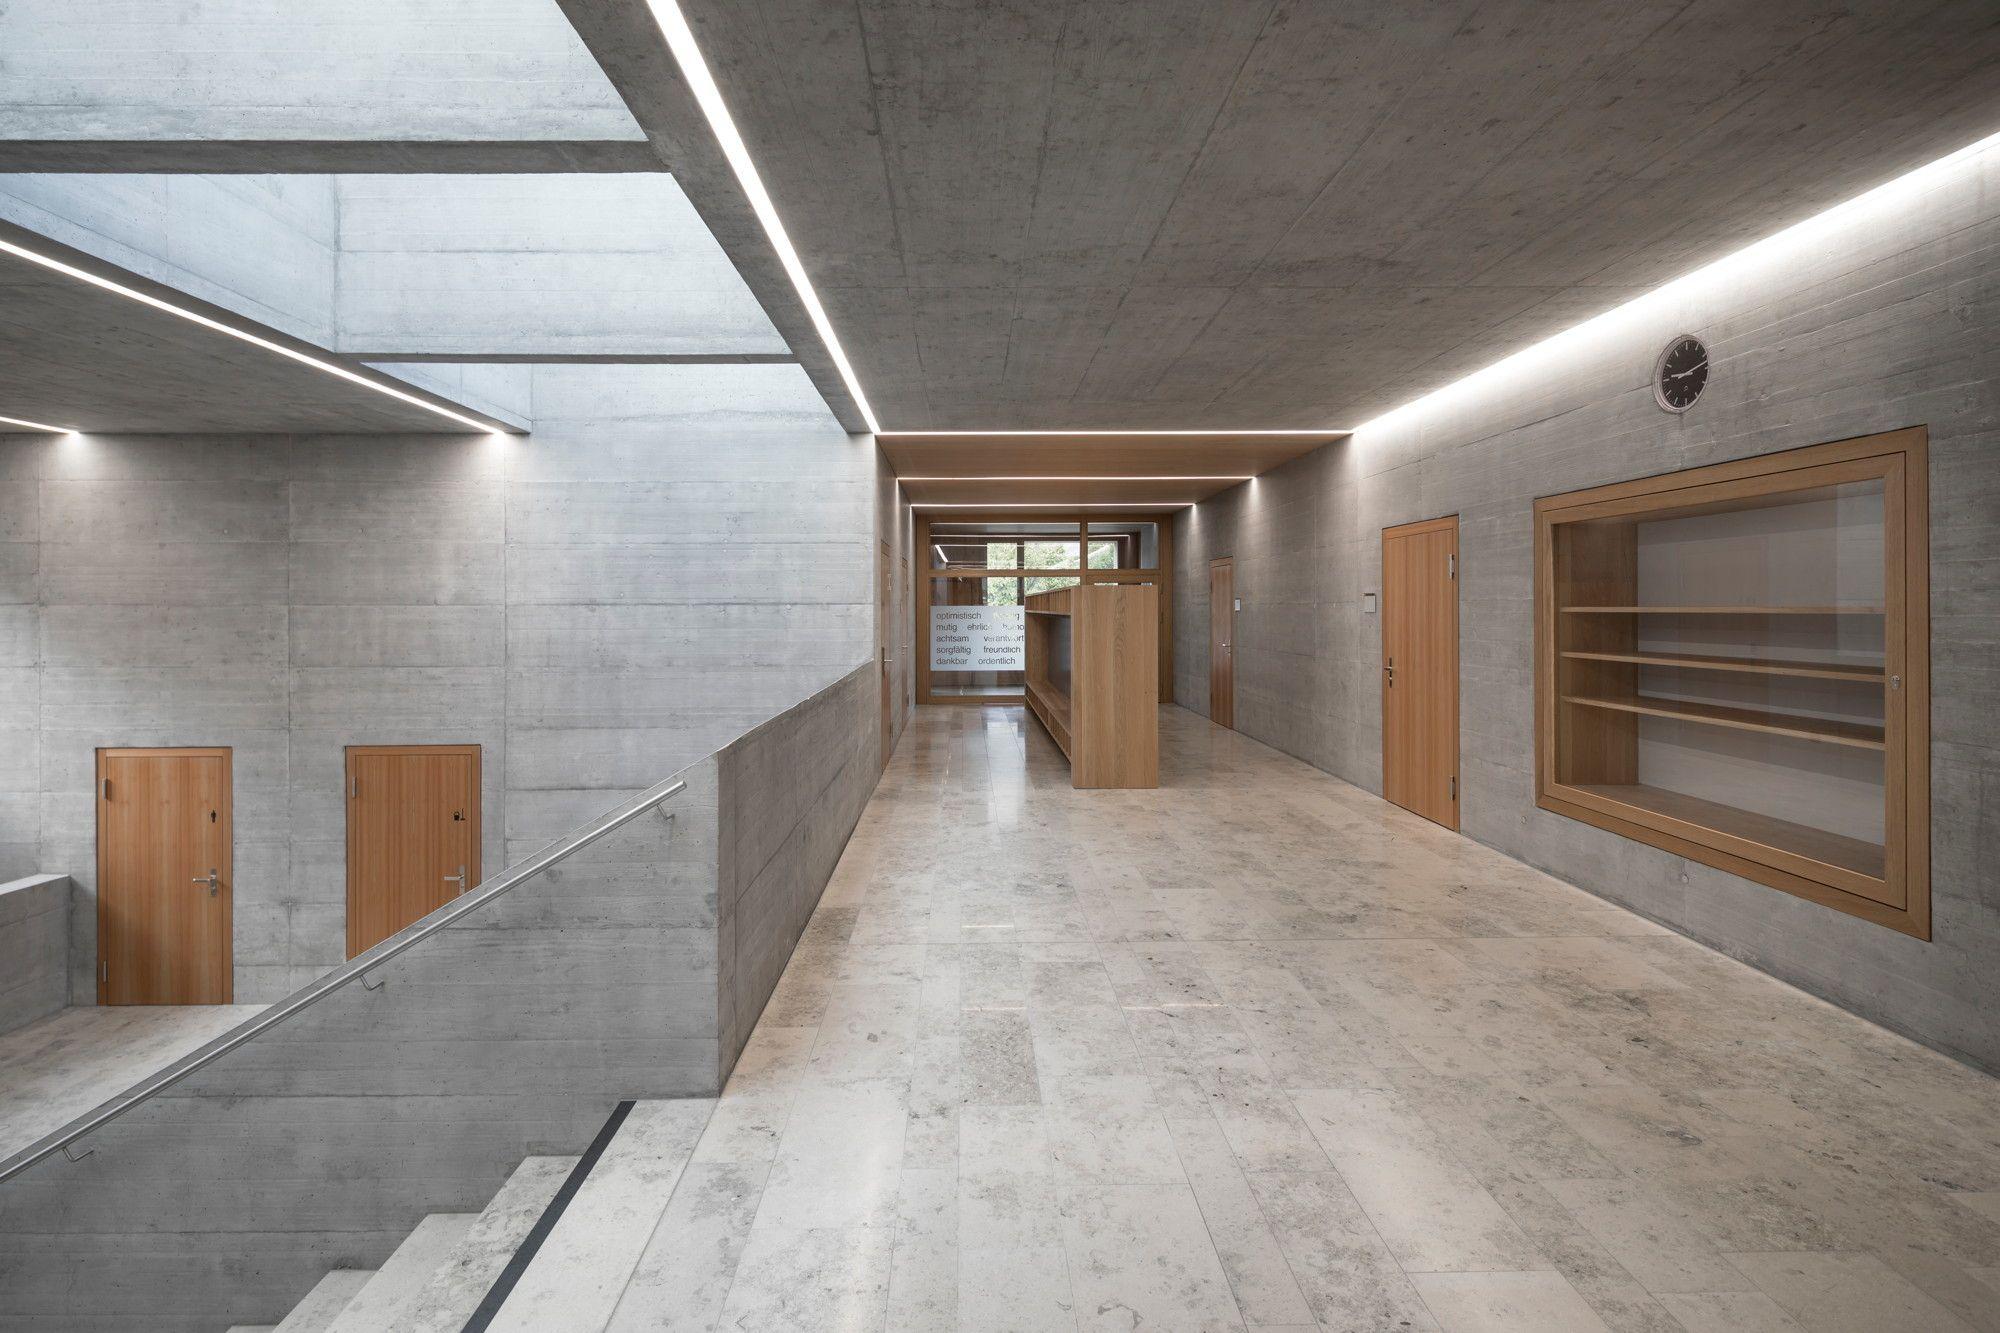 Holzerne Stuben Schulerweiterung In Graubunden Von Moeller Raupach Architekten Architekt Architektur Stube